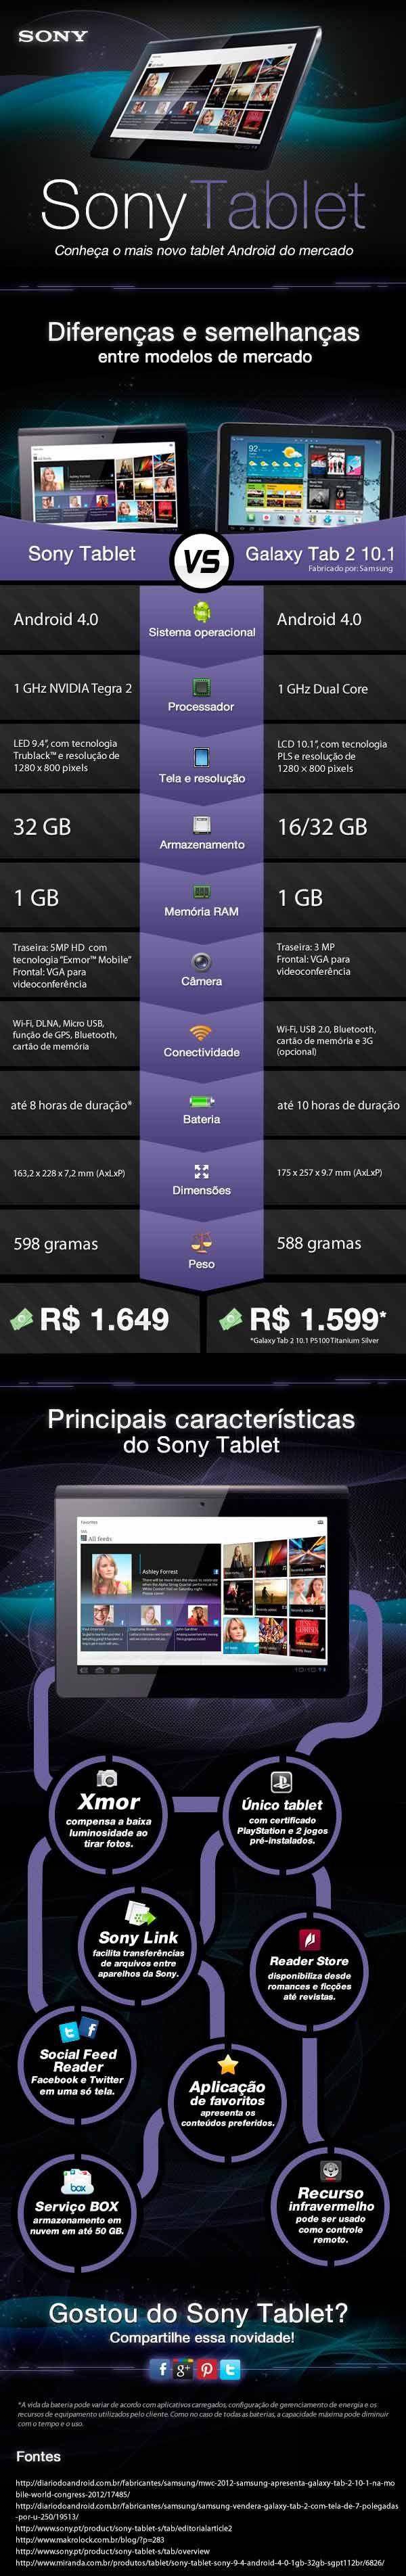 Conheça o Sony Tablet, o mais  novo tablet Android do mercado